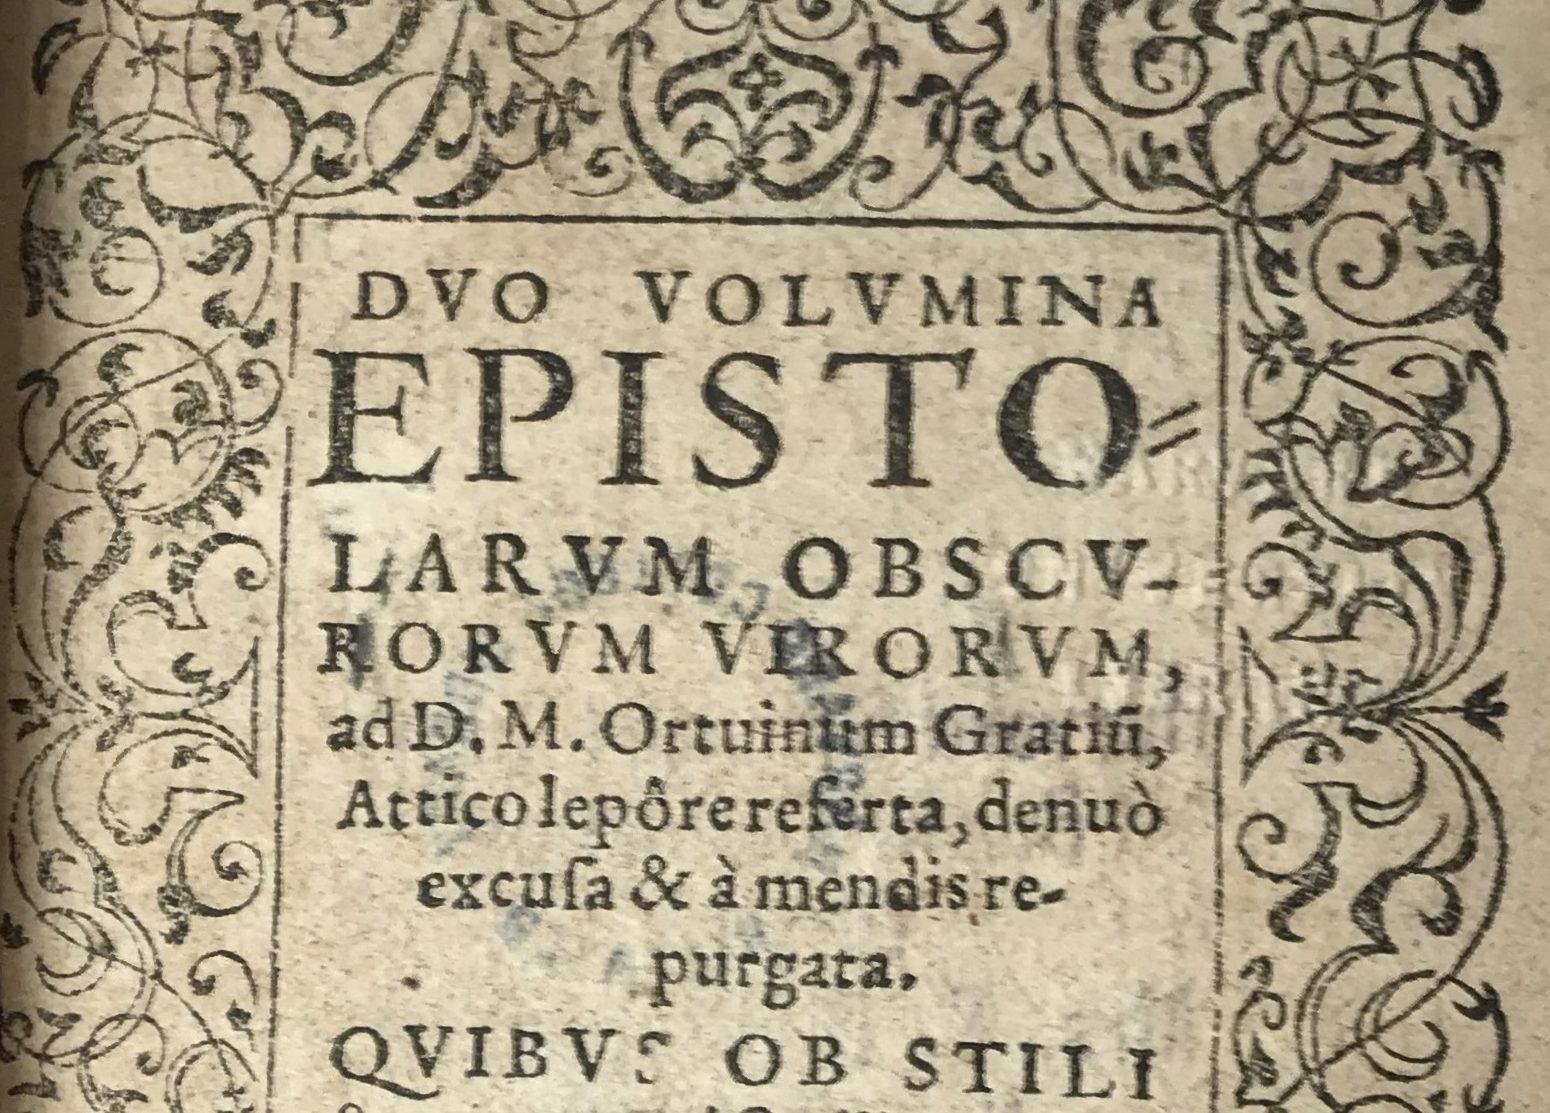 HUTTEN, Ulrich von, et al.